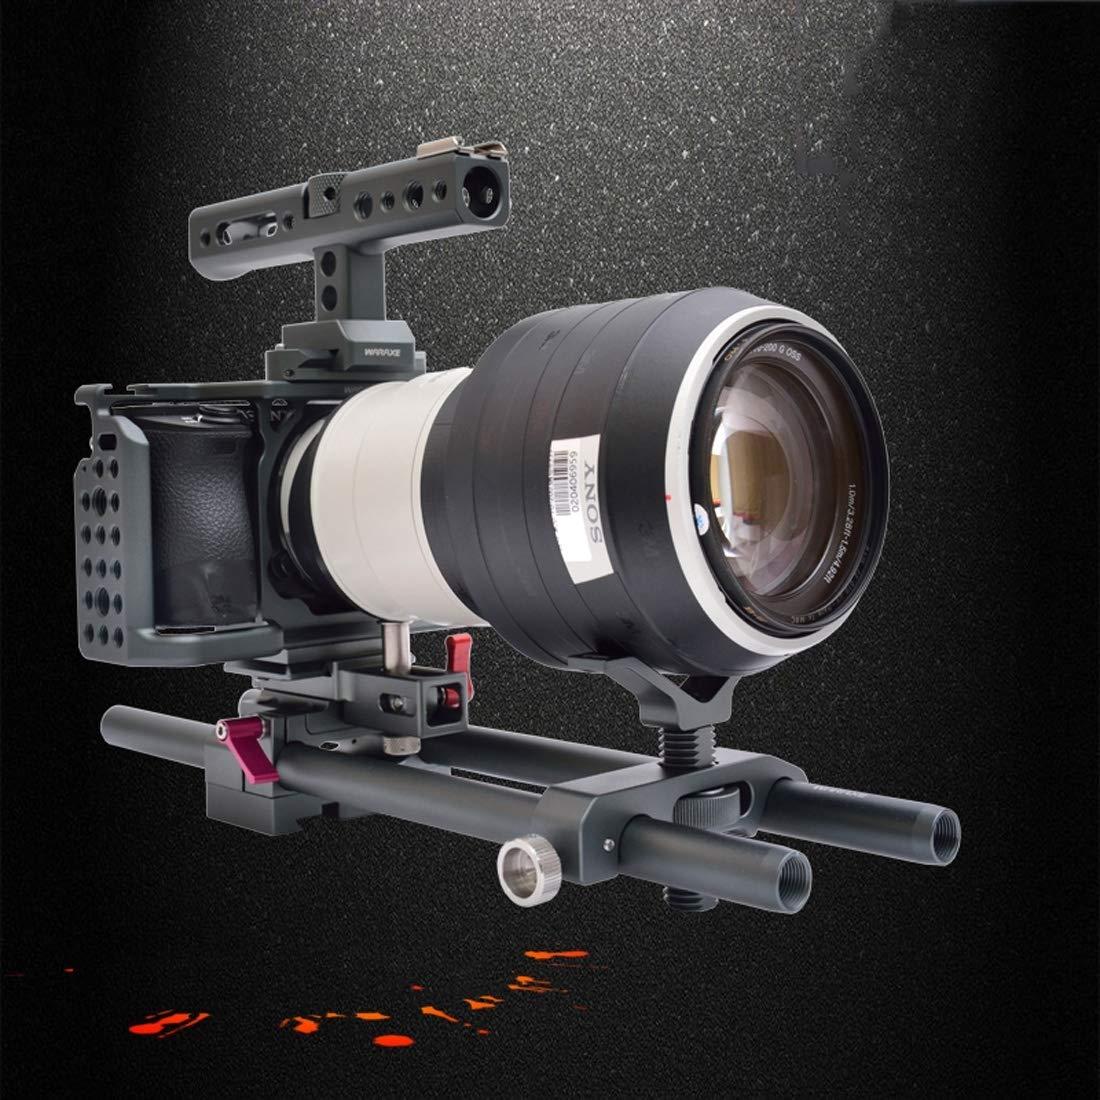 カメラケージリグキット ハンドルロッドレールサポートシステム付き HDMIクランプ Sony A6500/A6300/A6000用   B07LBPZQ42